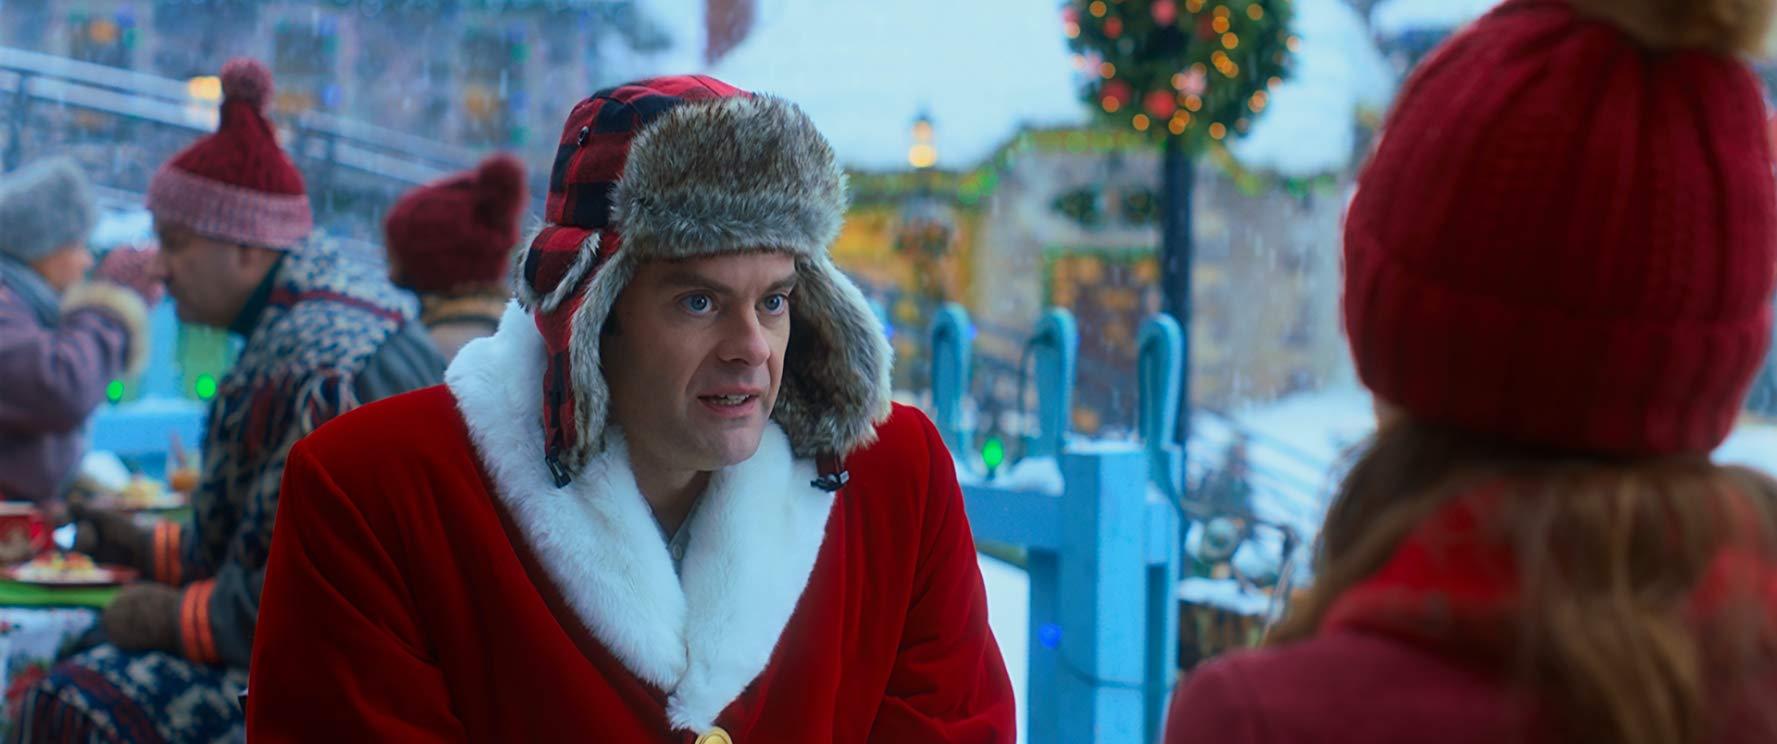 nieuwste kerstfilms 2019